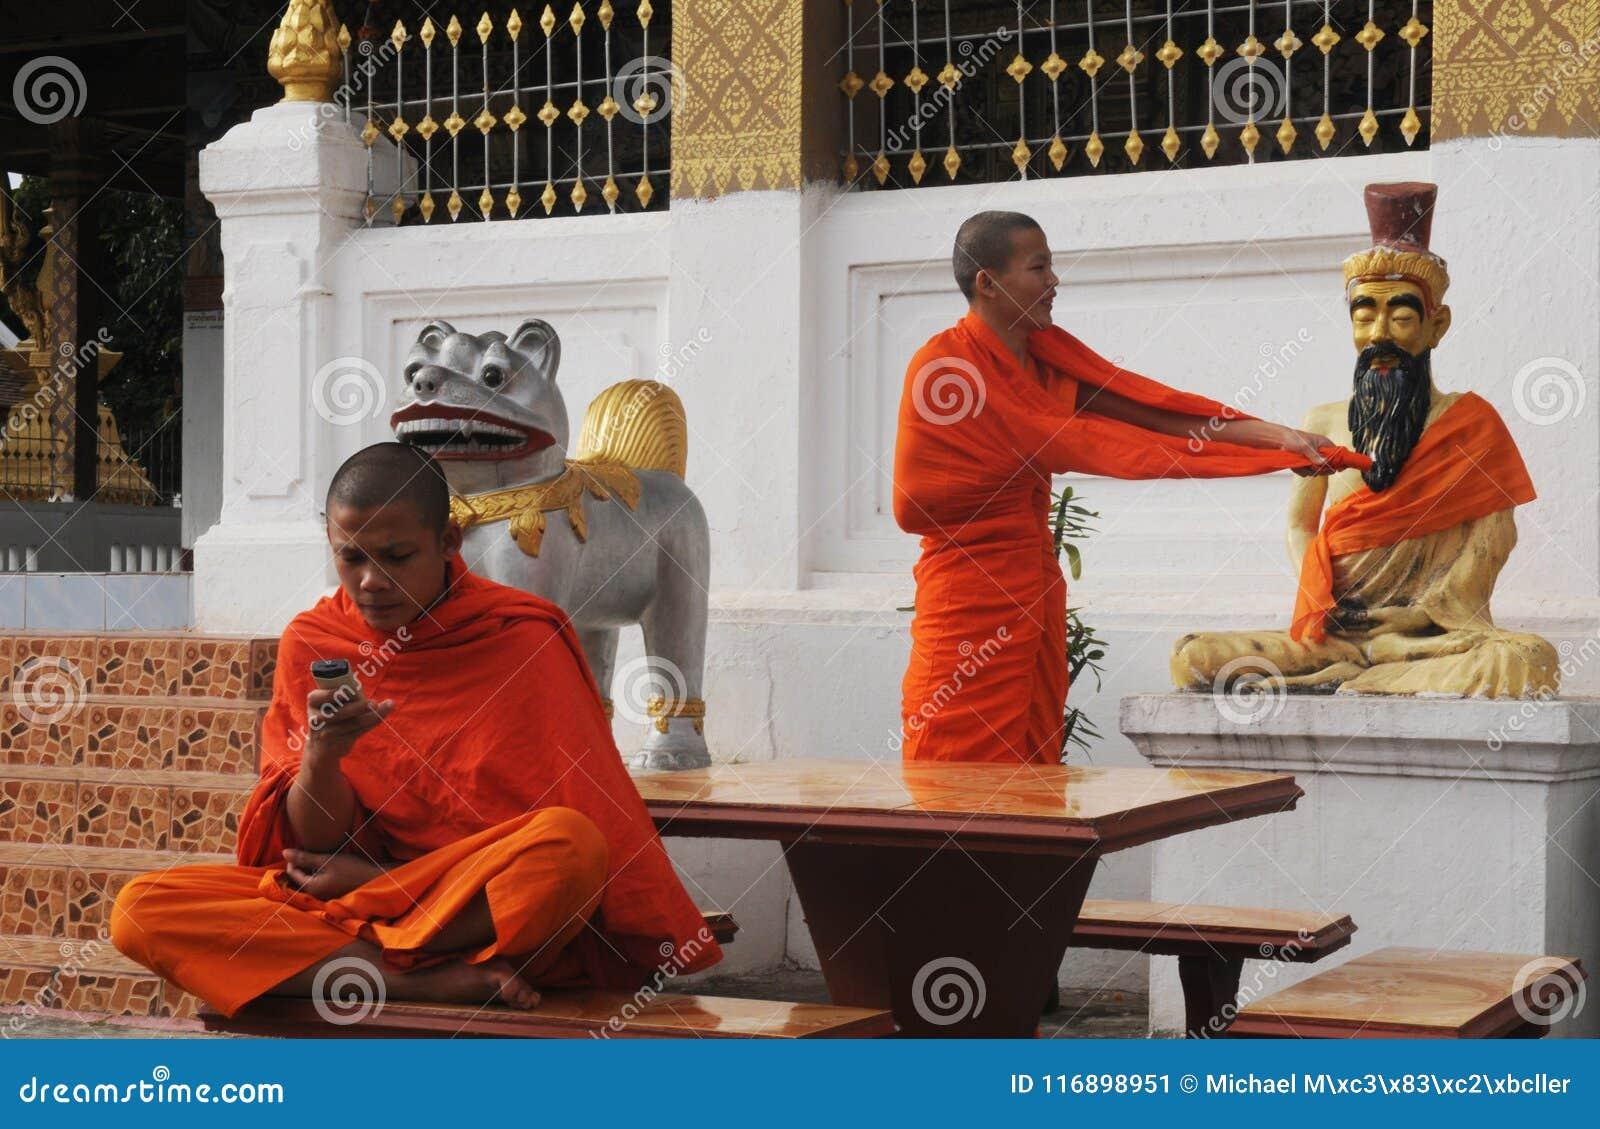 Laos del norte: Dos monjes jovenes en uno de los 32 templos budistas adentro